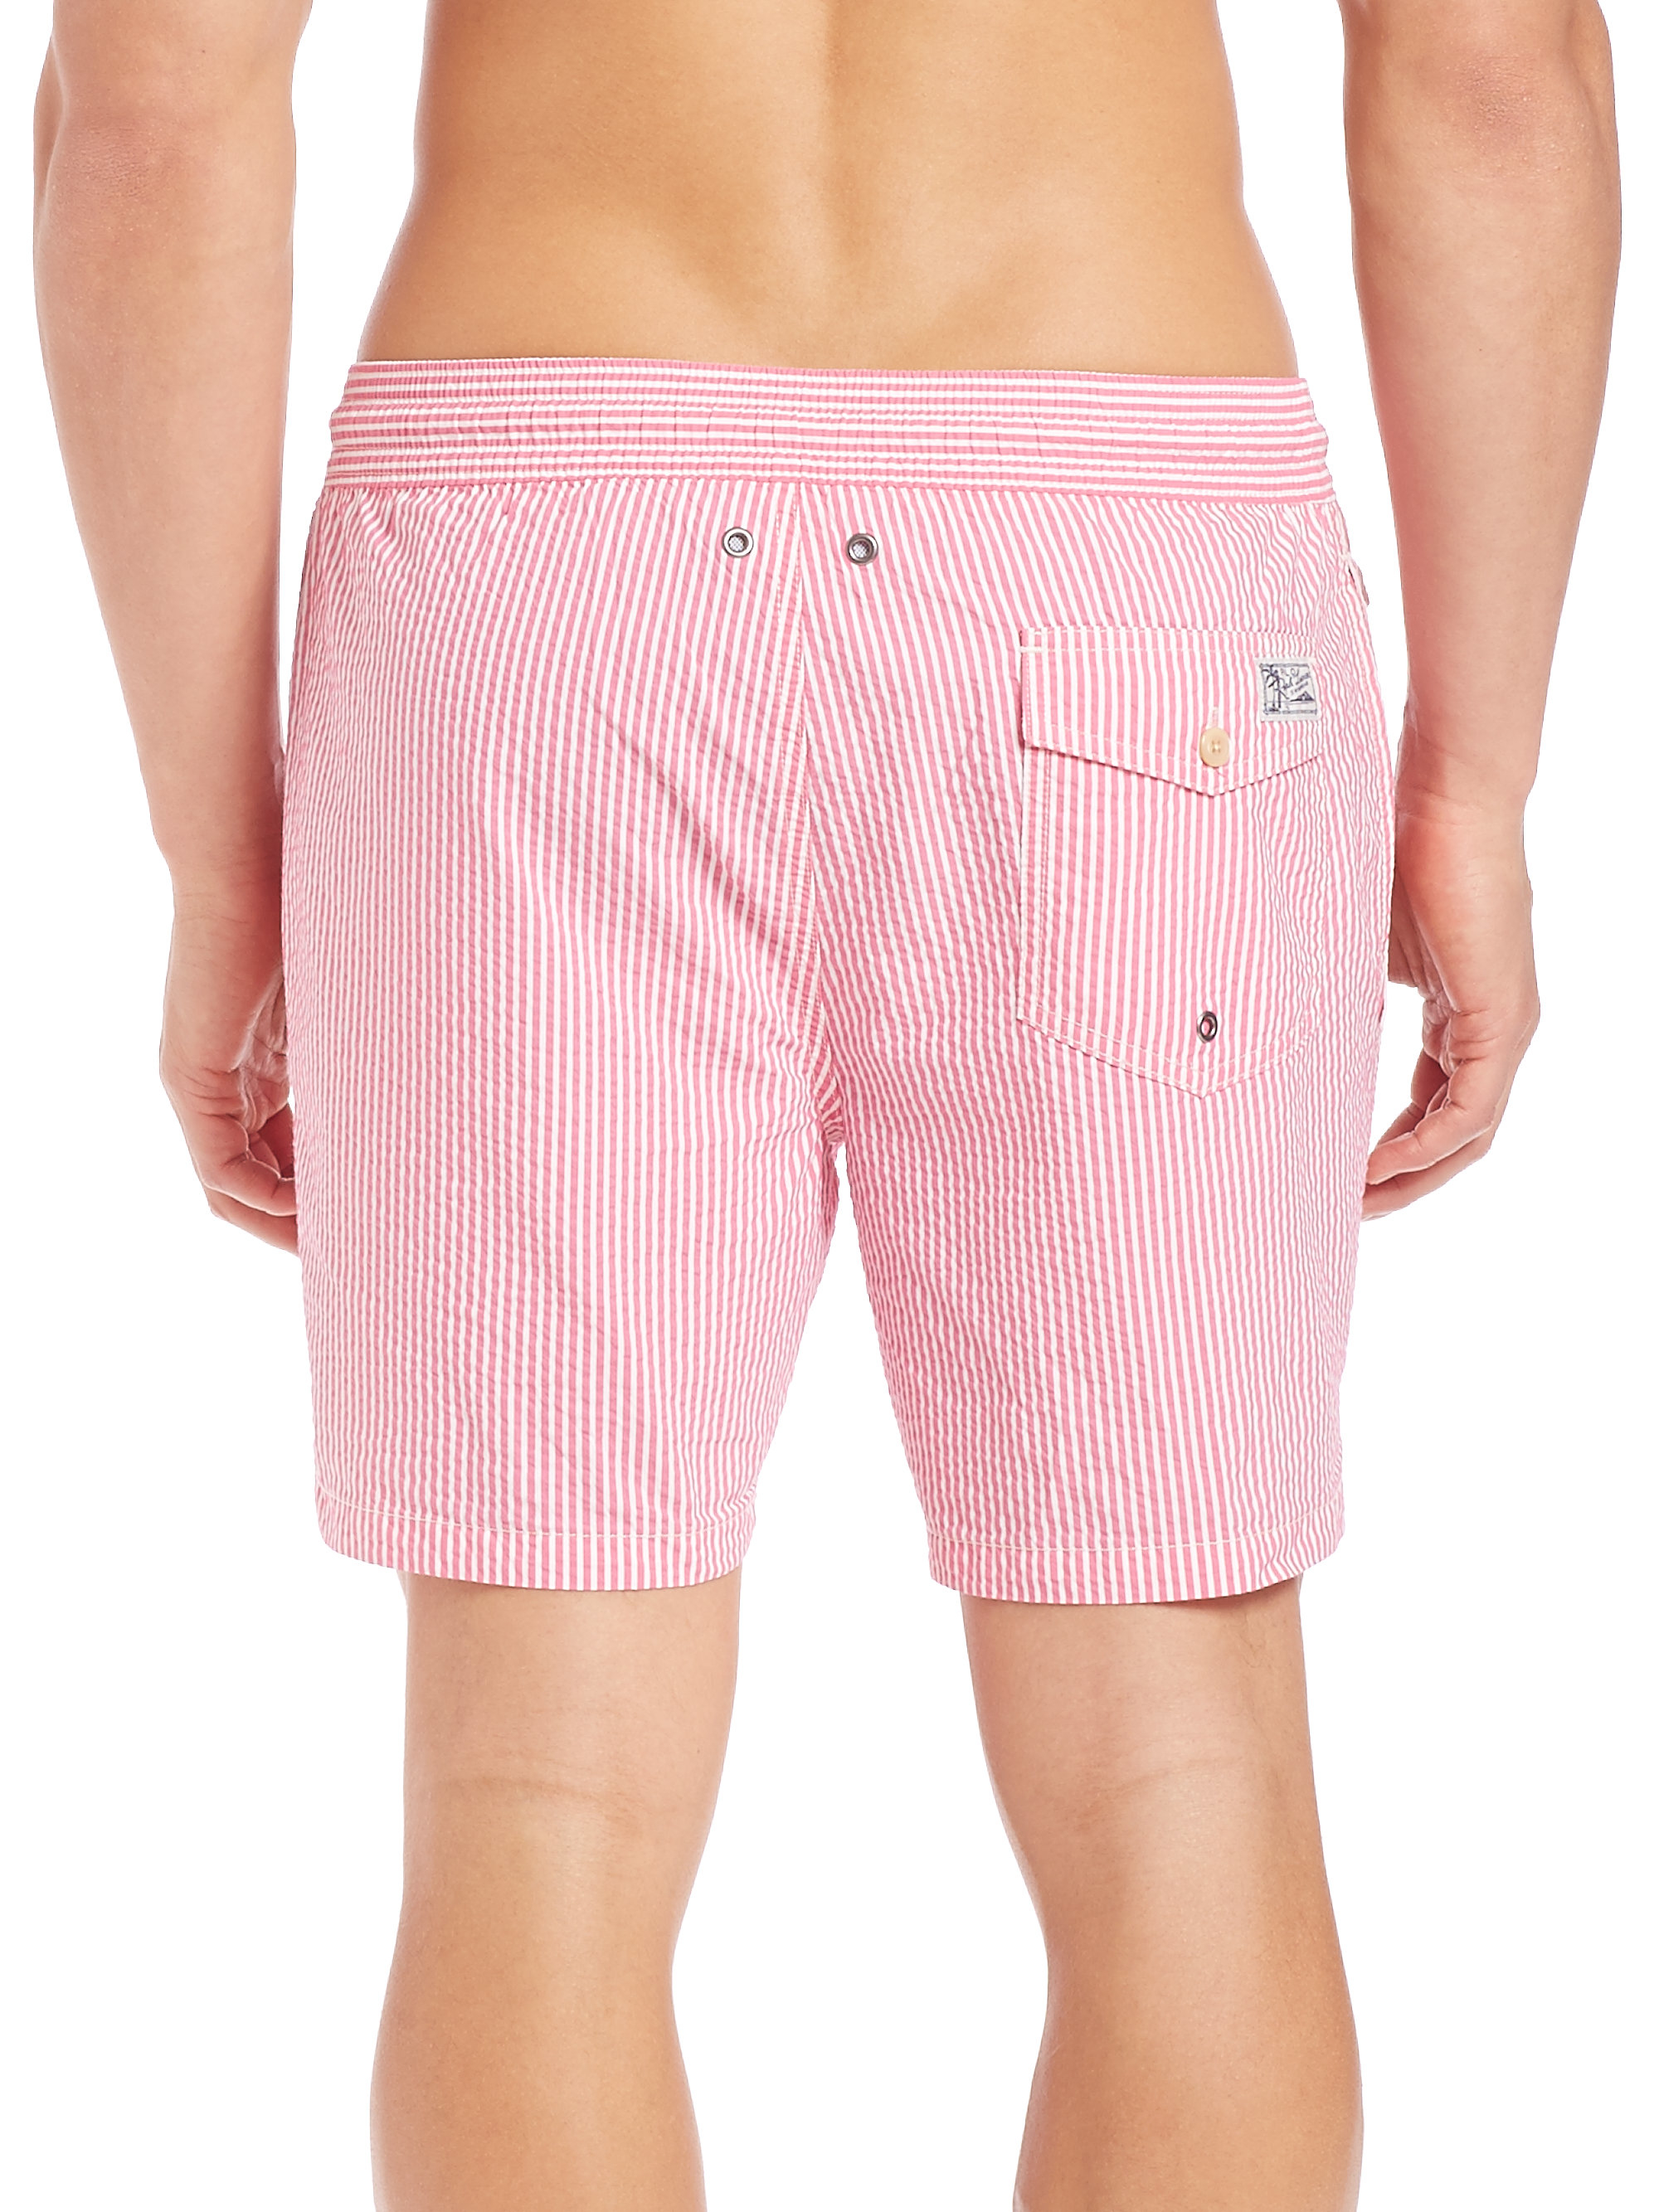 9d84d604ca878 ... sweden lyst polo ralph lauren seersucker traveler swim shorts in pink  for men 6f132 39437